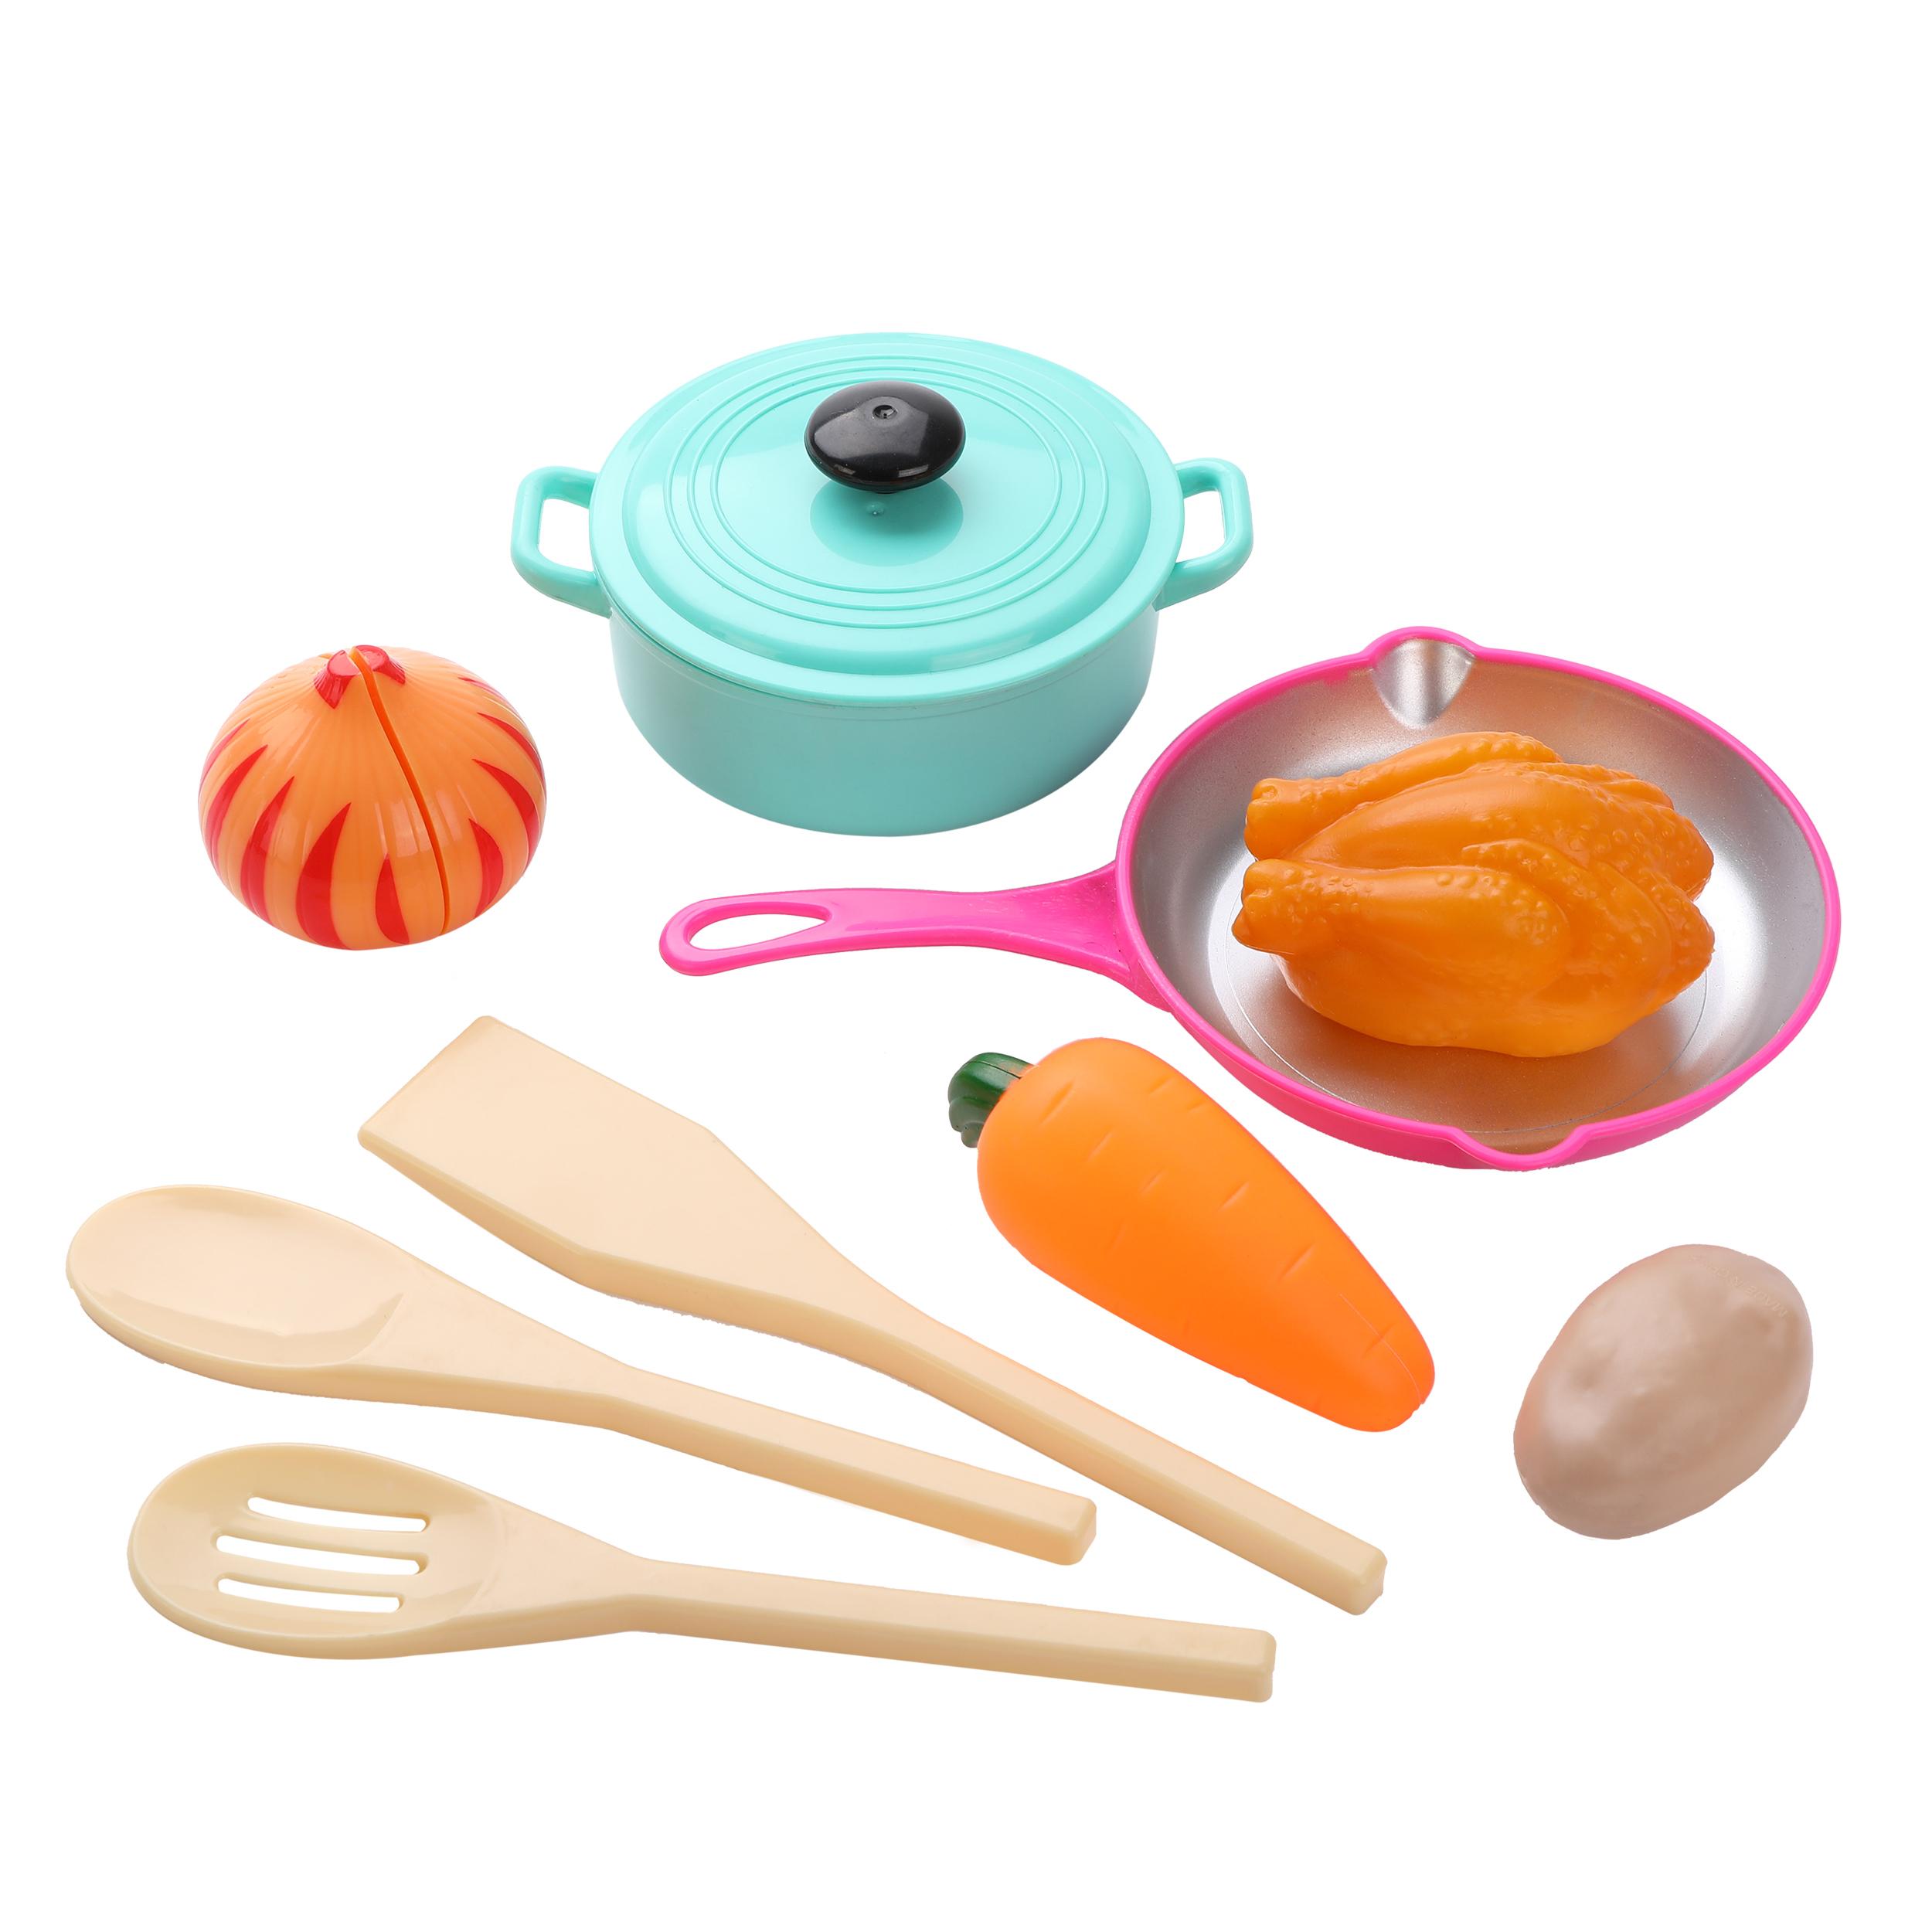 Игровой набор посуды и продуктов Mary Poppins 10 предметов посуда и наборы продуктов mary poppins набор посуды mary poppins в сумке